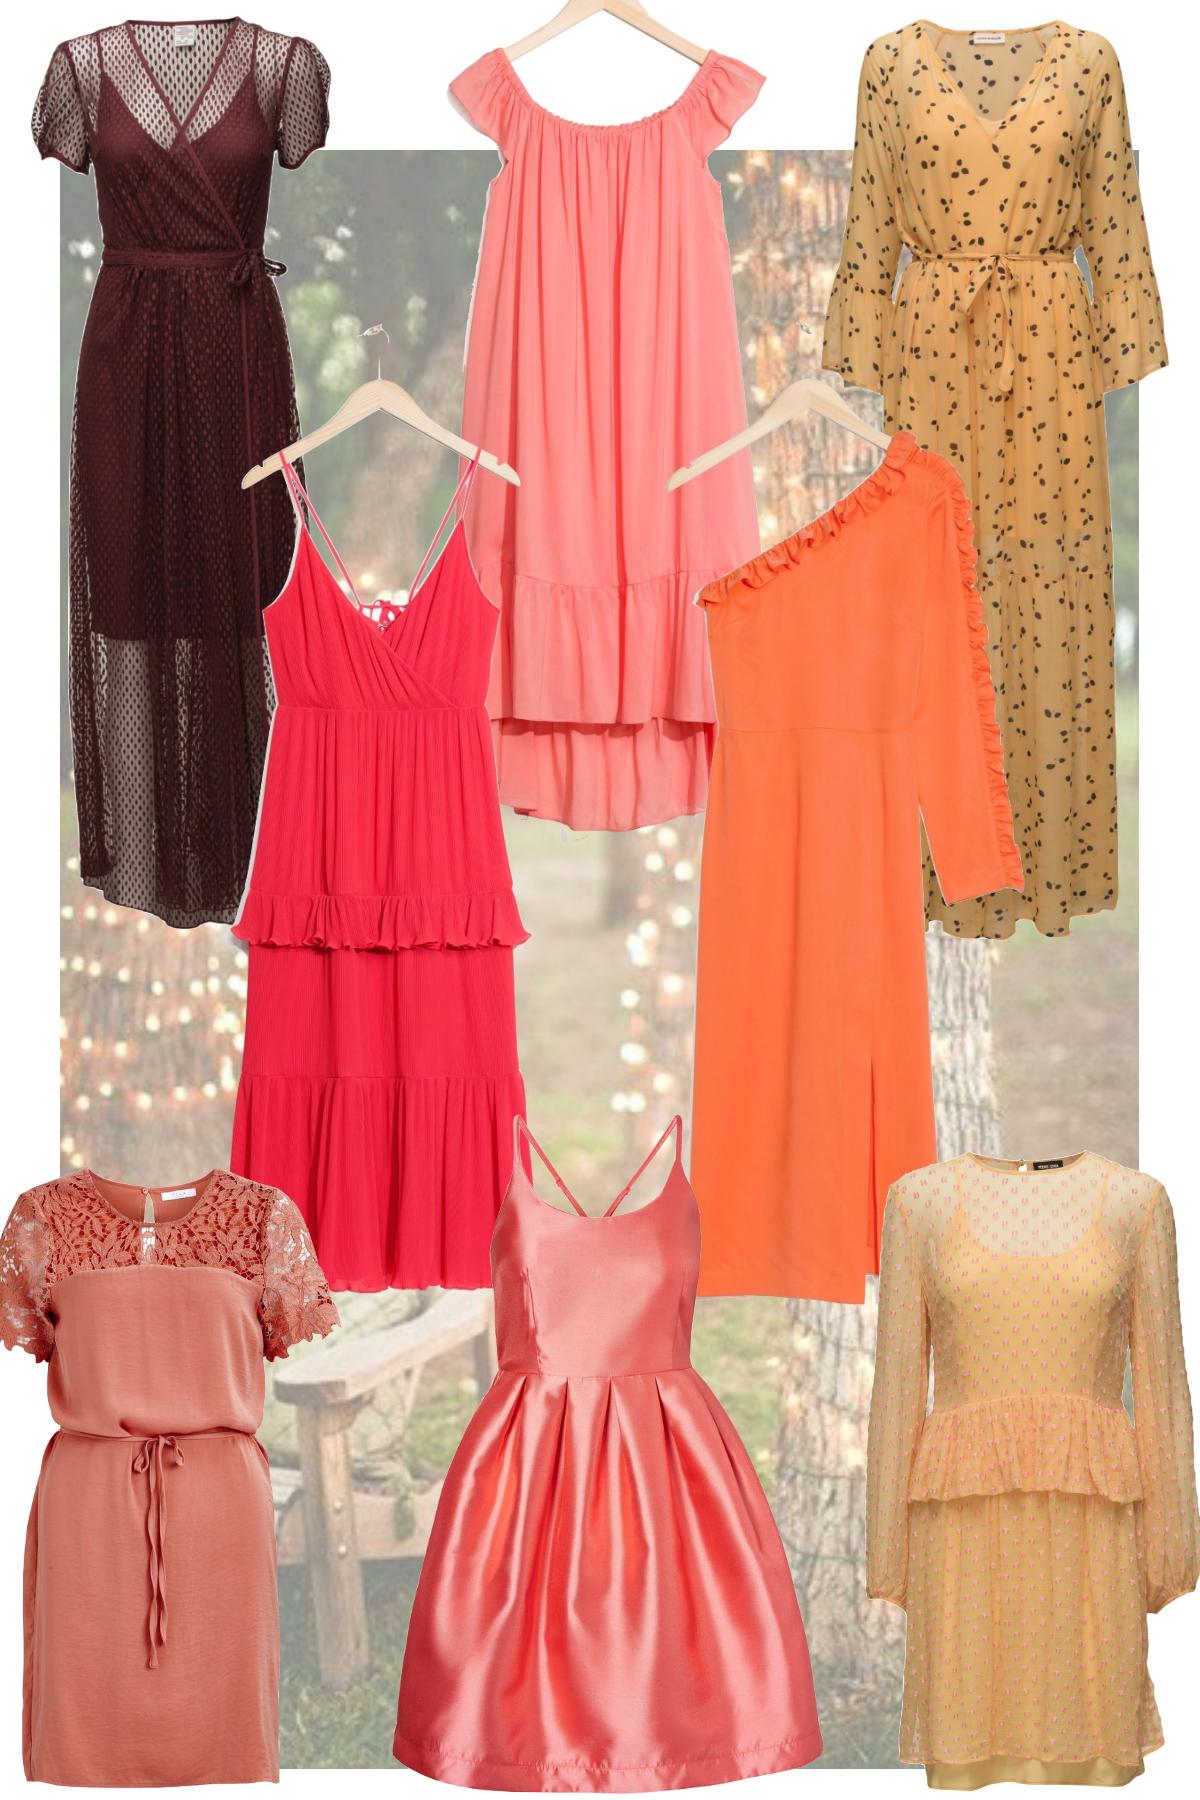 braendte-kjoler